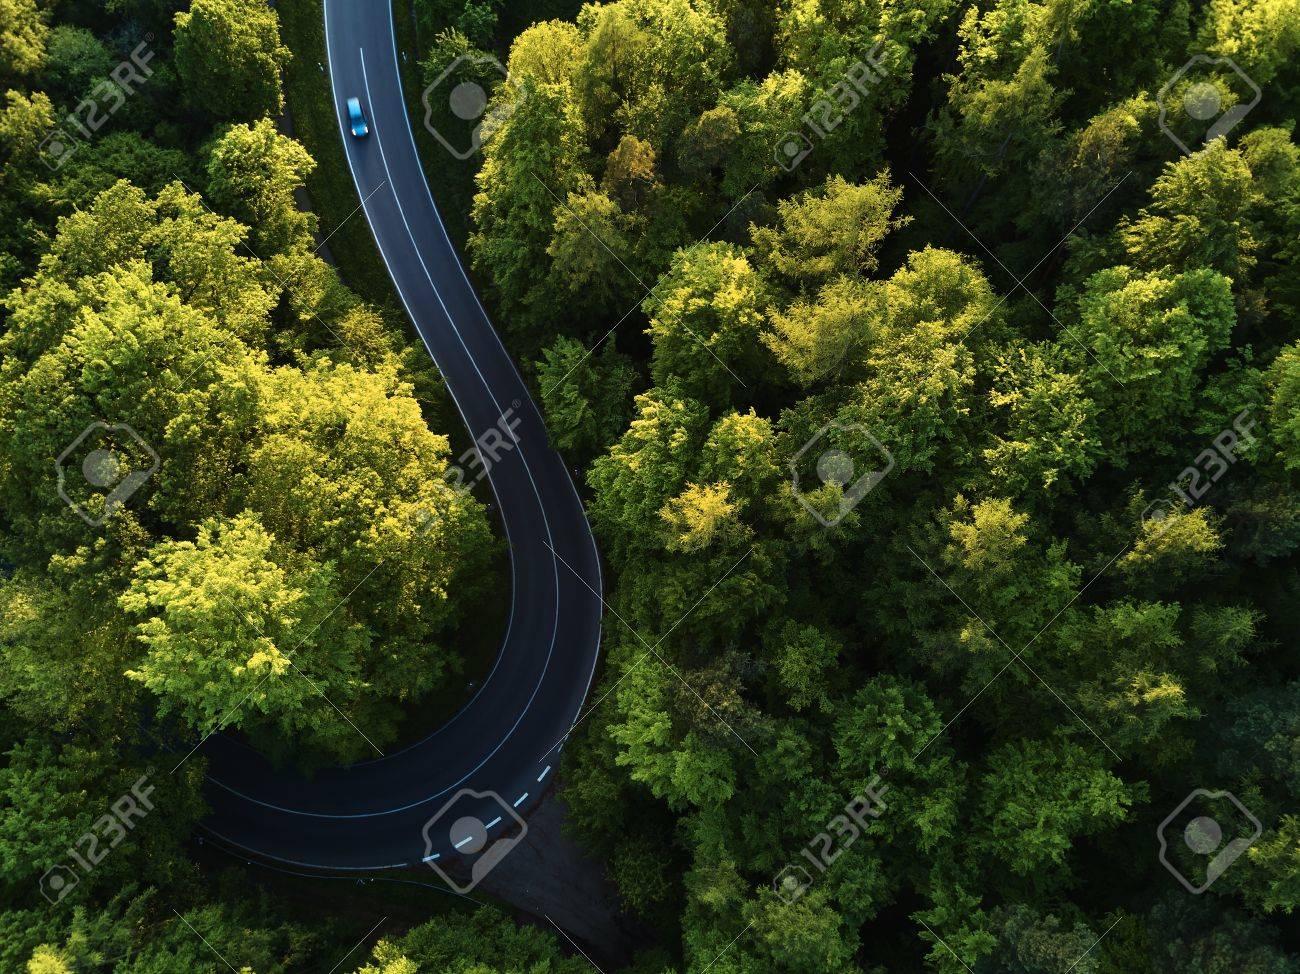 Straße zwischen großen Bäumen von oben mit Drone Luftbild, Landschaft Standard-Bild - 78282128